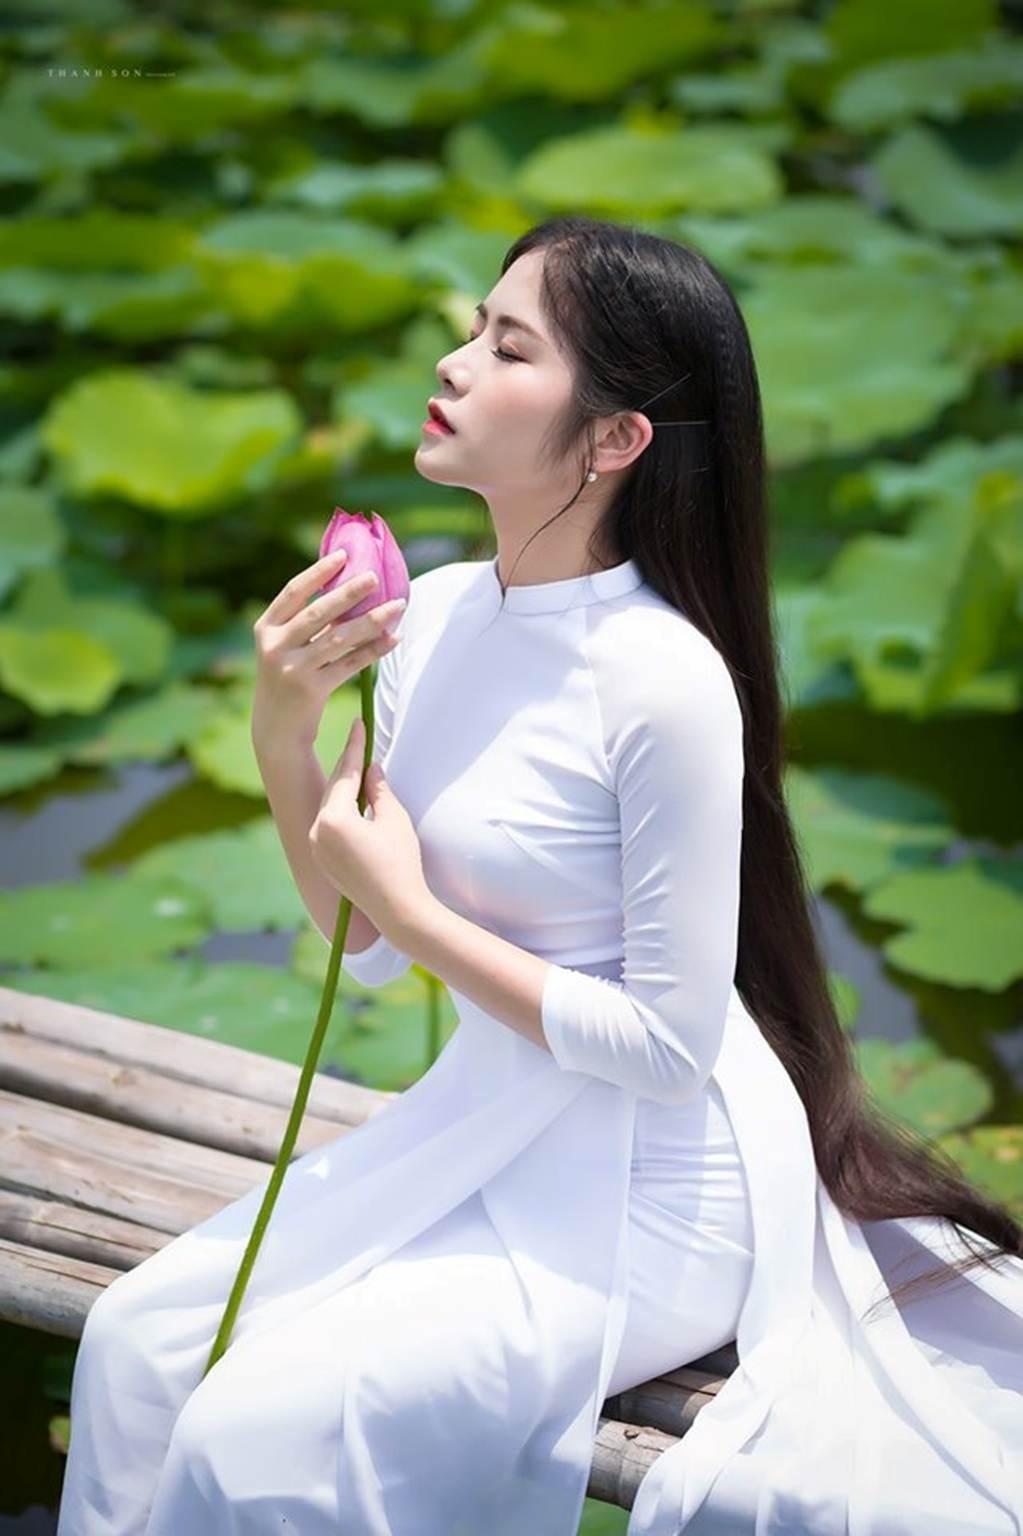 Những thiếu nữ mặc thế này đẹp hút mắt ở hồ sen, cần gì khoe thân-6